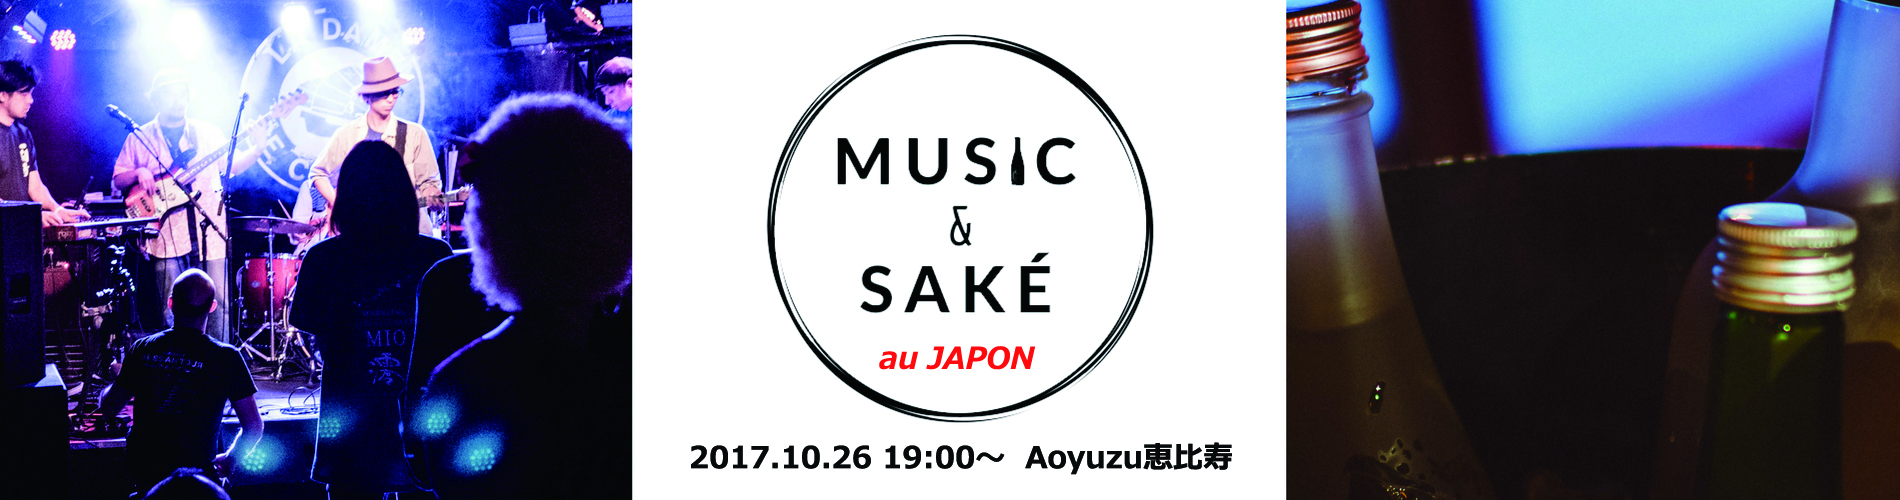 music & sake